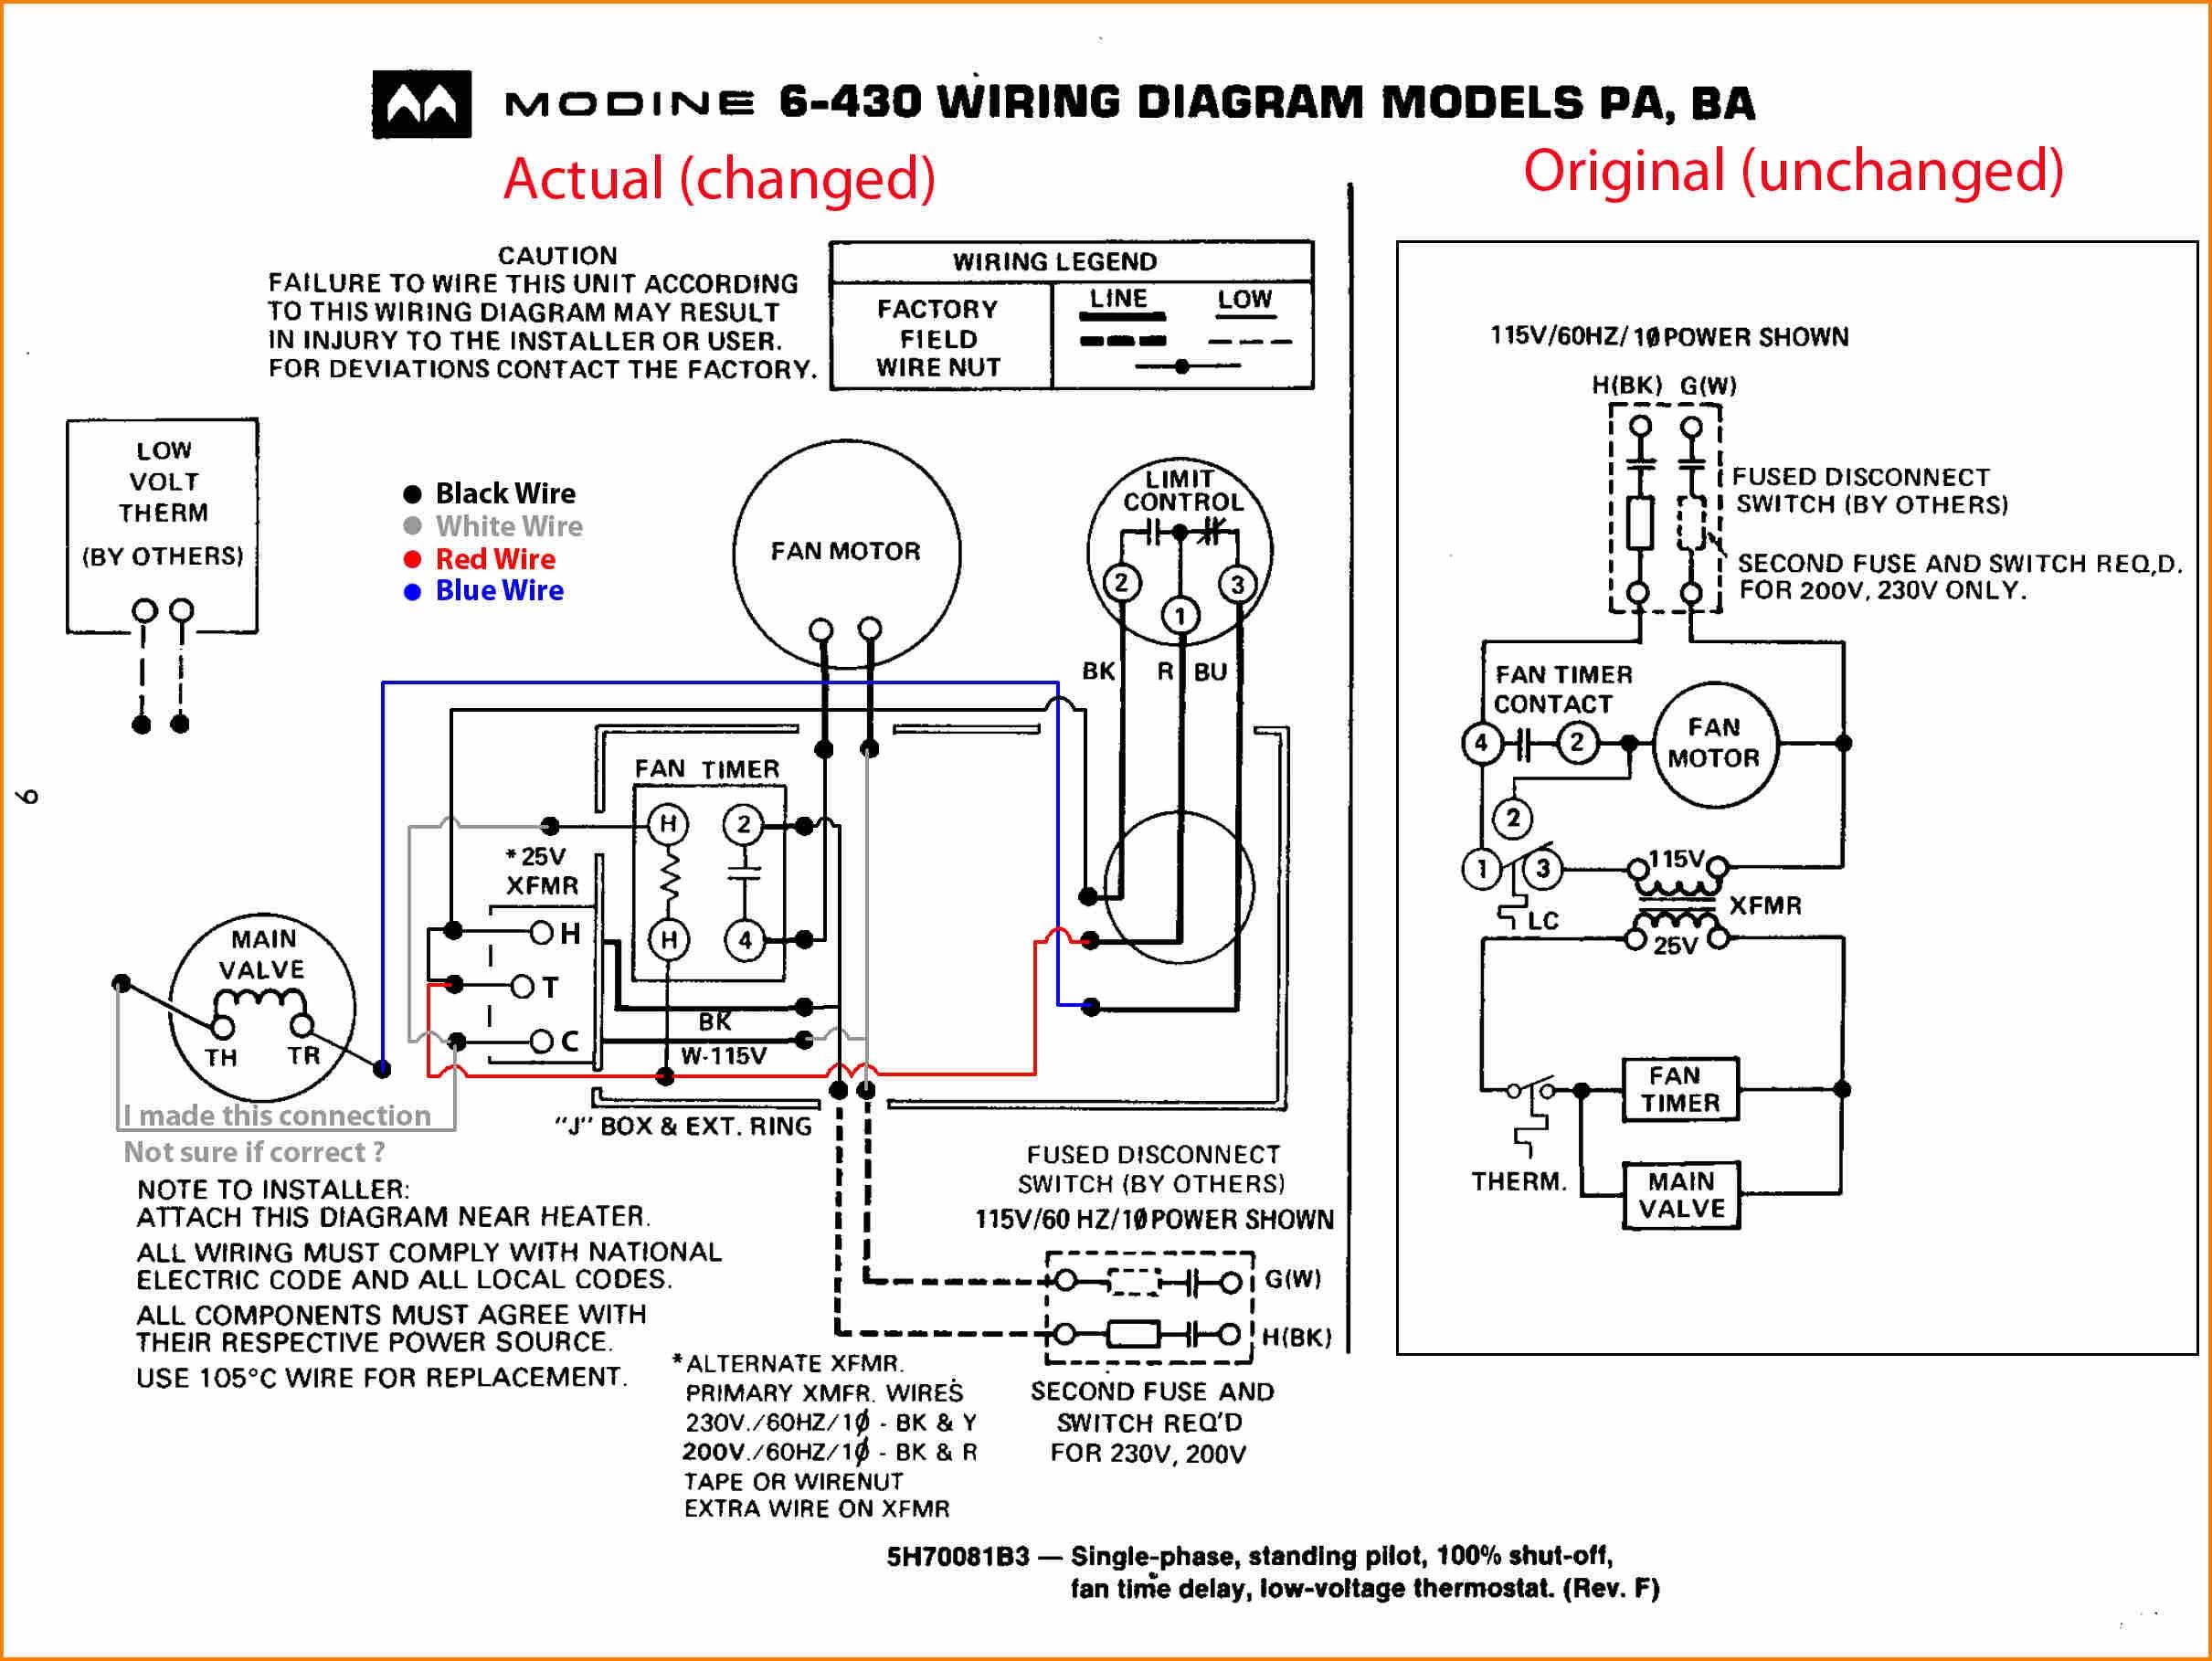 diagram goodman wiring furnace ae6020 wiring diagrams best diagram goodman wiring furnace ae6020 wiring diagram libraries goodman hvac fan wiring diagram diagram goodman wiring